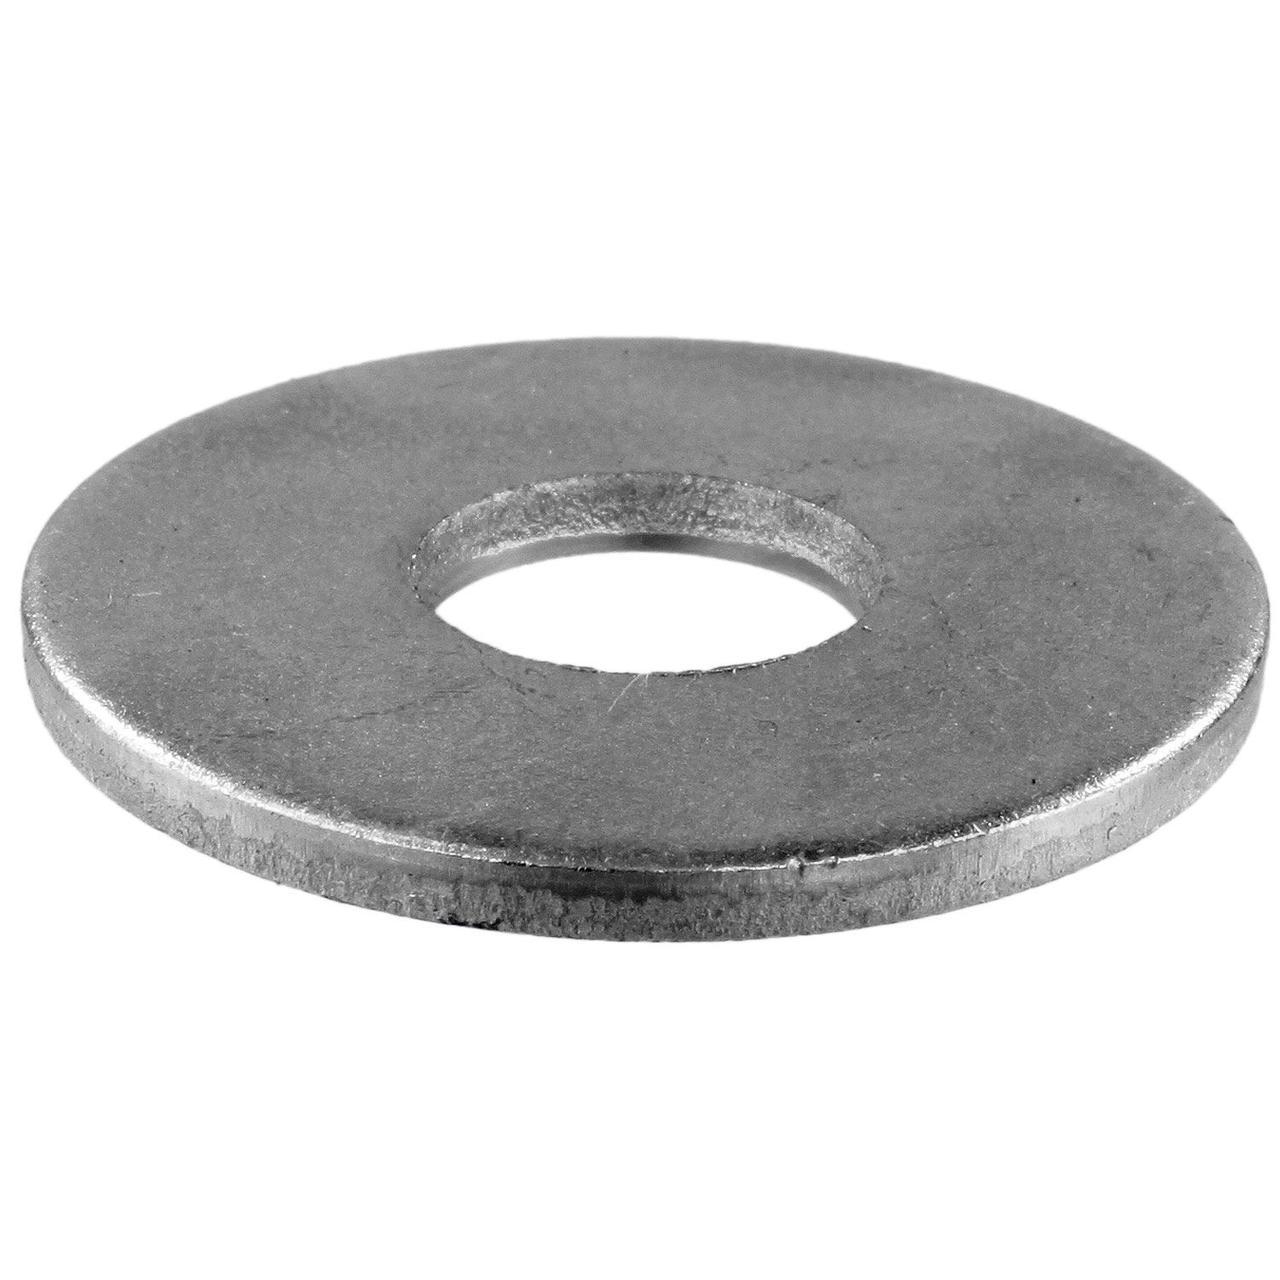 Кольцо ст 45 1310х90х350 мм